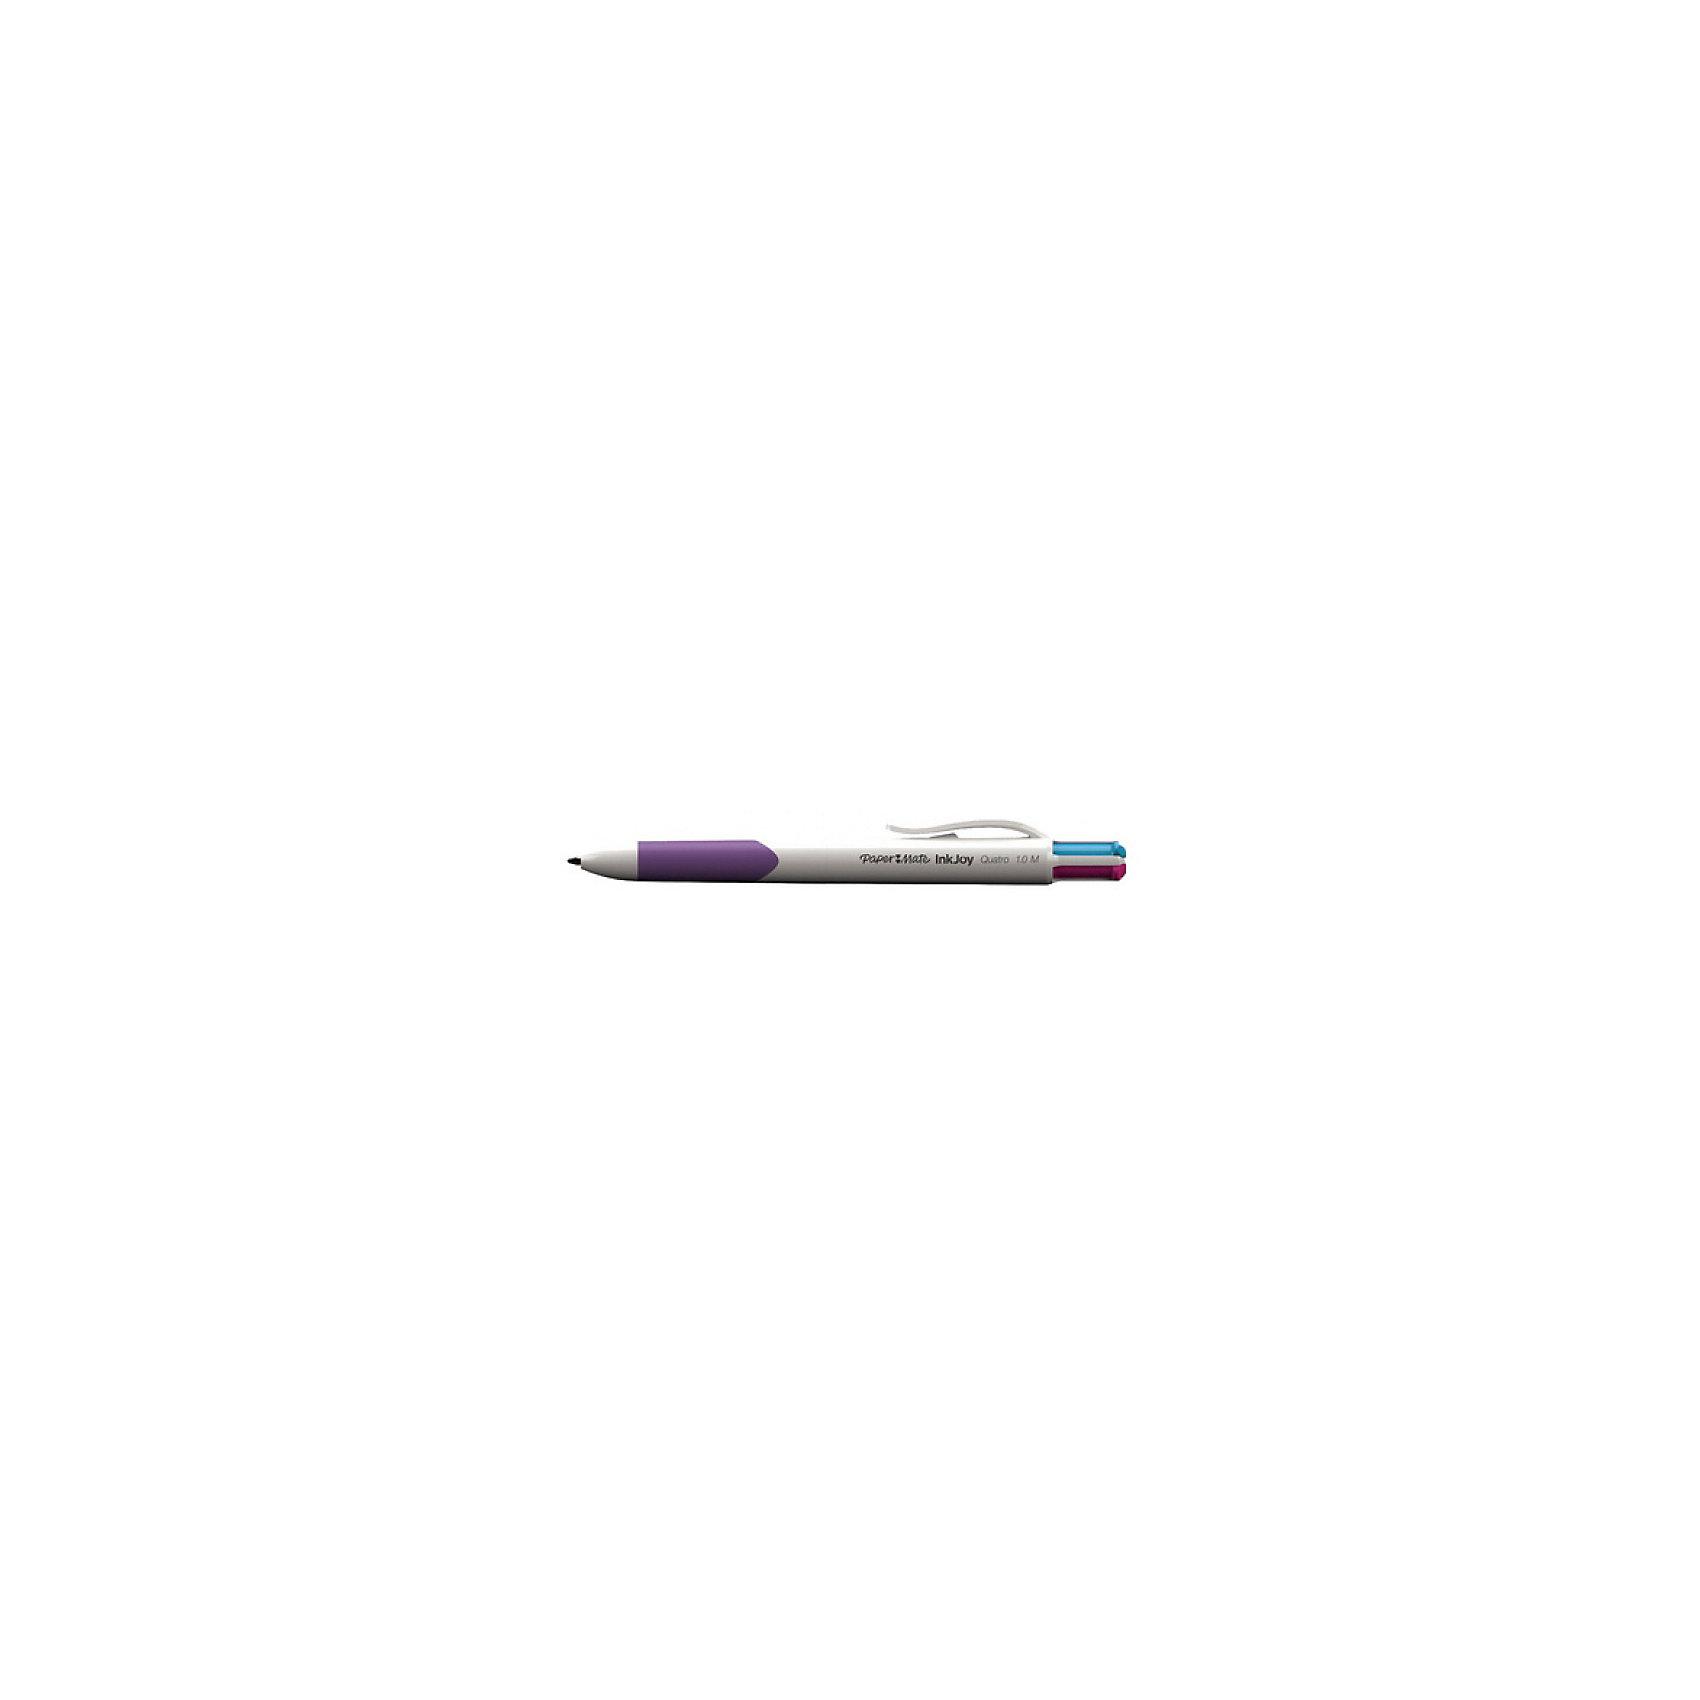 Ручка шариковая Paper mate Quatro, 4 цвета в одной ручкеПисьменные принадлежности<br>Характеристики товара:<br><br>• тип ручки: шариковая;<br>• цвета чернил: зеленый, голубой, розовый, фиолетовый;<br>• размер упаковки: 2х2х14 см;<br>• вес: 21 грамм;<br>• возраст: от 3 лет.<br><br>Шариковая ручка QUATRO содержит четыре стержня с чернилами: зеленый, голубой, розовый и фиолетовый. Чернила быстро высыхают и оставляют яркие, насыщенные линии. Корпус ручки изготовлен из прочного пластика. Зона захвата дополнена резиновыми элементами, обеспечивающими комфортное письмо и правильное сцепление с рукой. Зажим поможет удобно переносить ручку в кармане, блокноте или сумке.<br><br>PAPER MATE (Пэйпер Мэйт) Ручку шариковую QUATRO можно купить в нашем интернет-магазине.<br><br>Ширина мм: 140<br>Глубина мм: 20<br>Высота мм: 20<br>Вес г: 21<br>Возраст от месяцев: 36<br>Возраст до месяцев: 2147483647<br>Пол: Унисекс<br>Возраст: Детский<br>SKU: 6884869